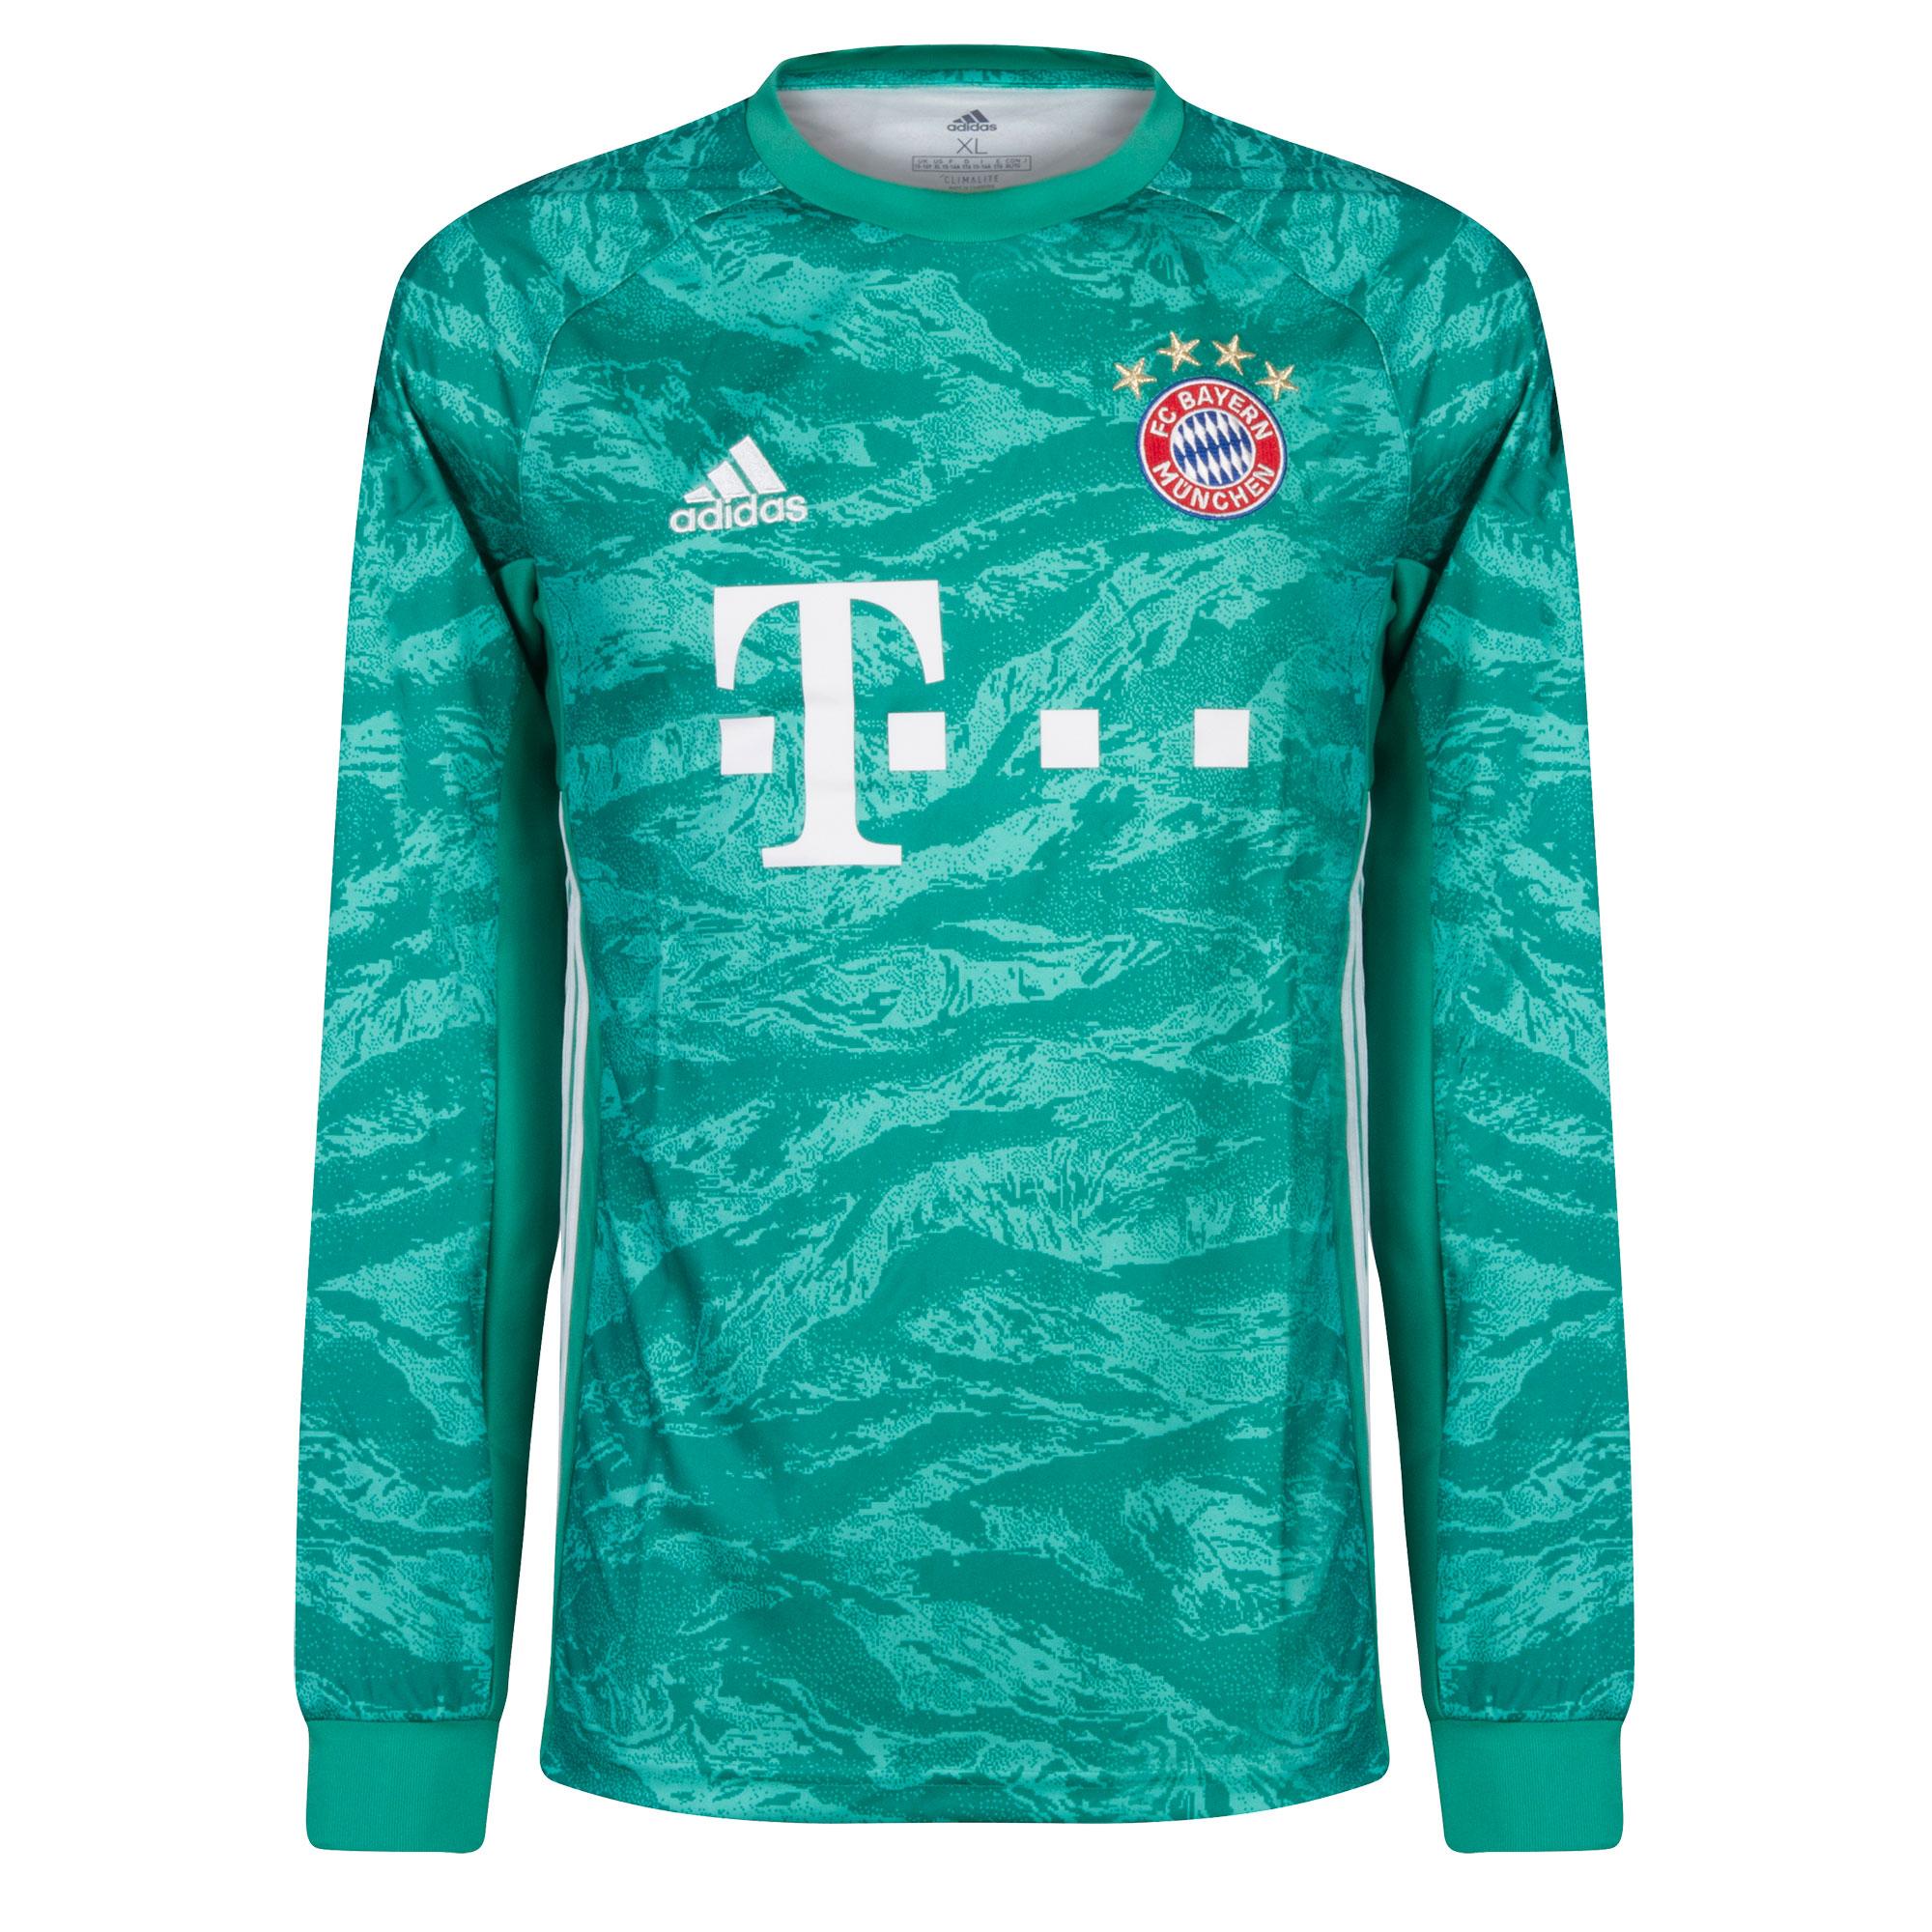 Bayern Munich Goalkeeper shirt